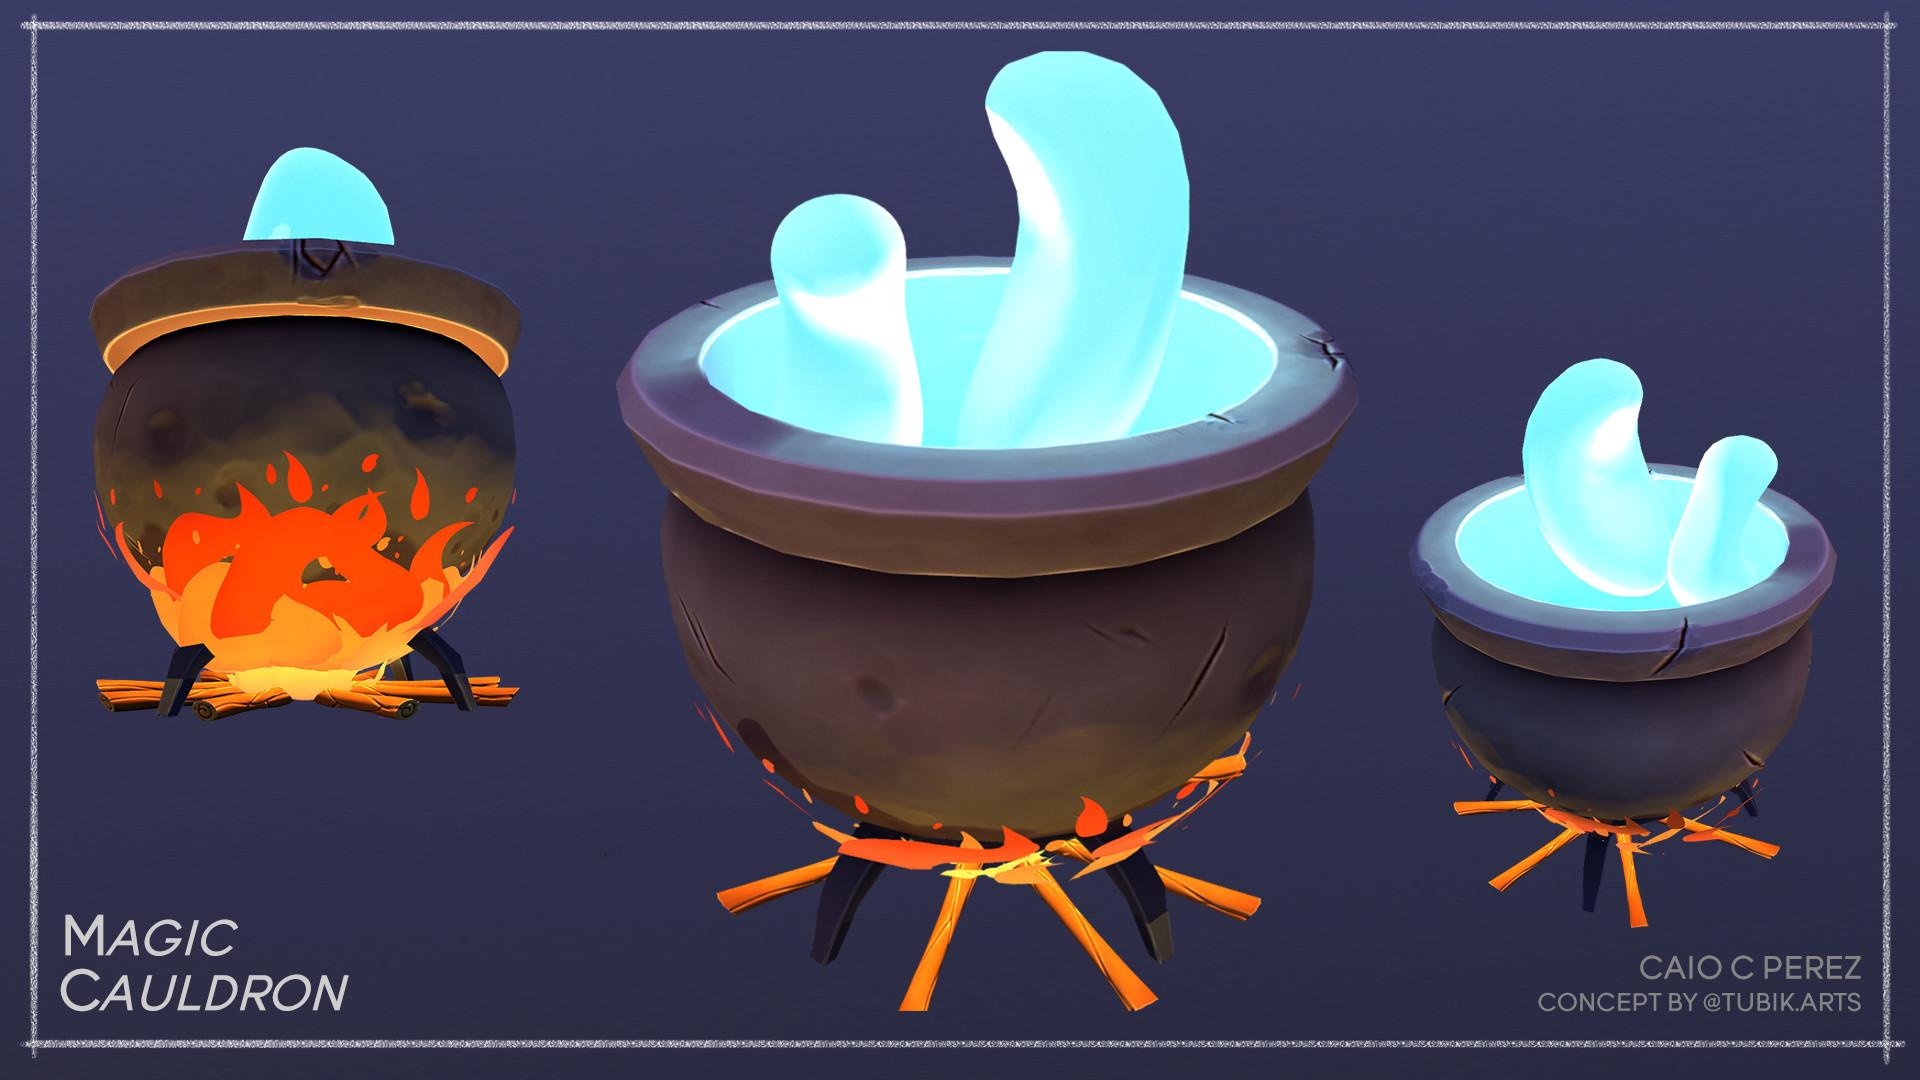 Caio perez cauldron